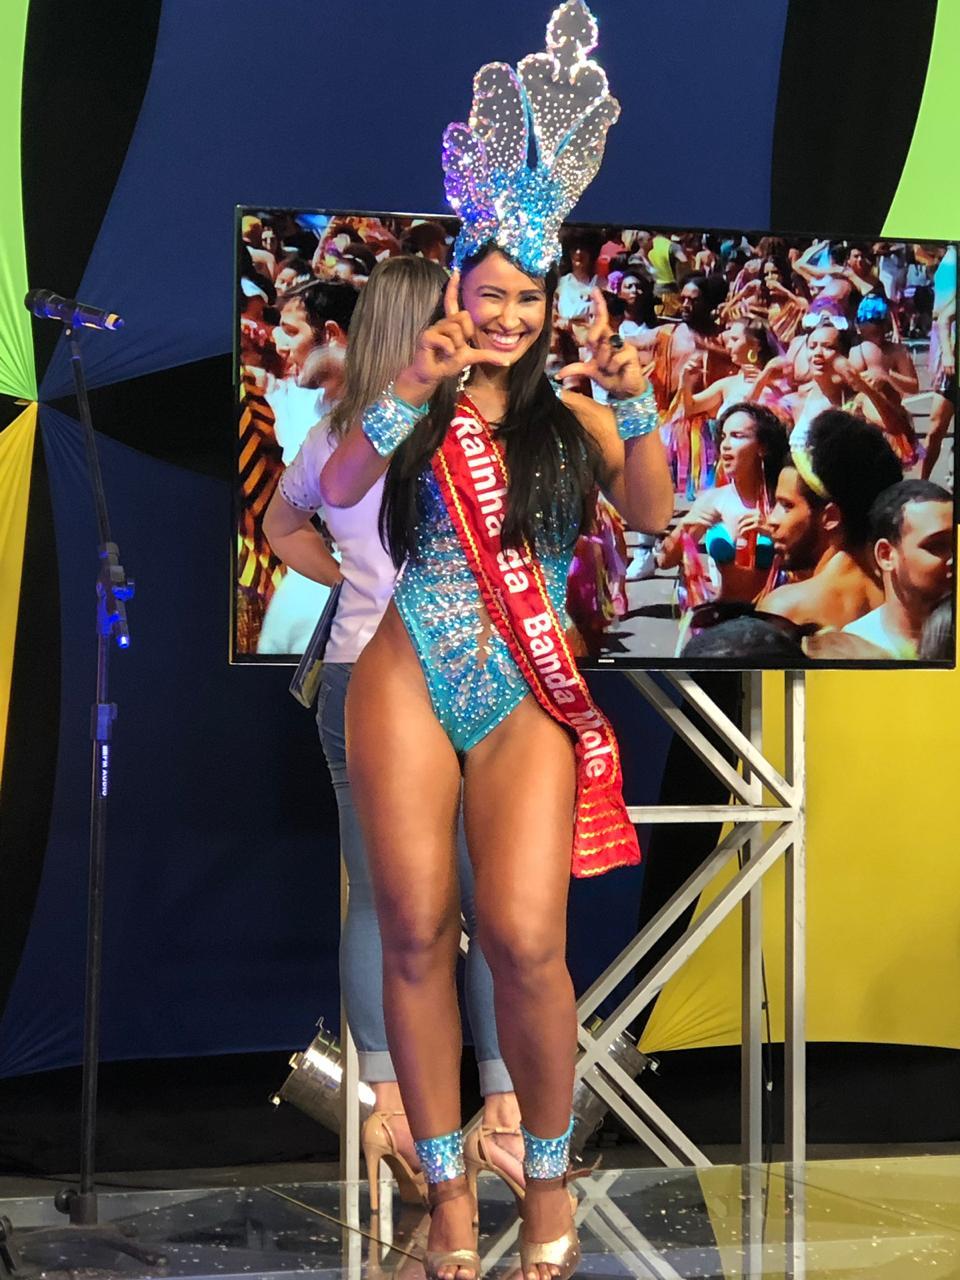 Musa da grande Rio Lais Cruz participou e comentou do Central do Carnaval do SBT TV alterosa